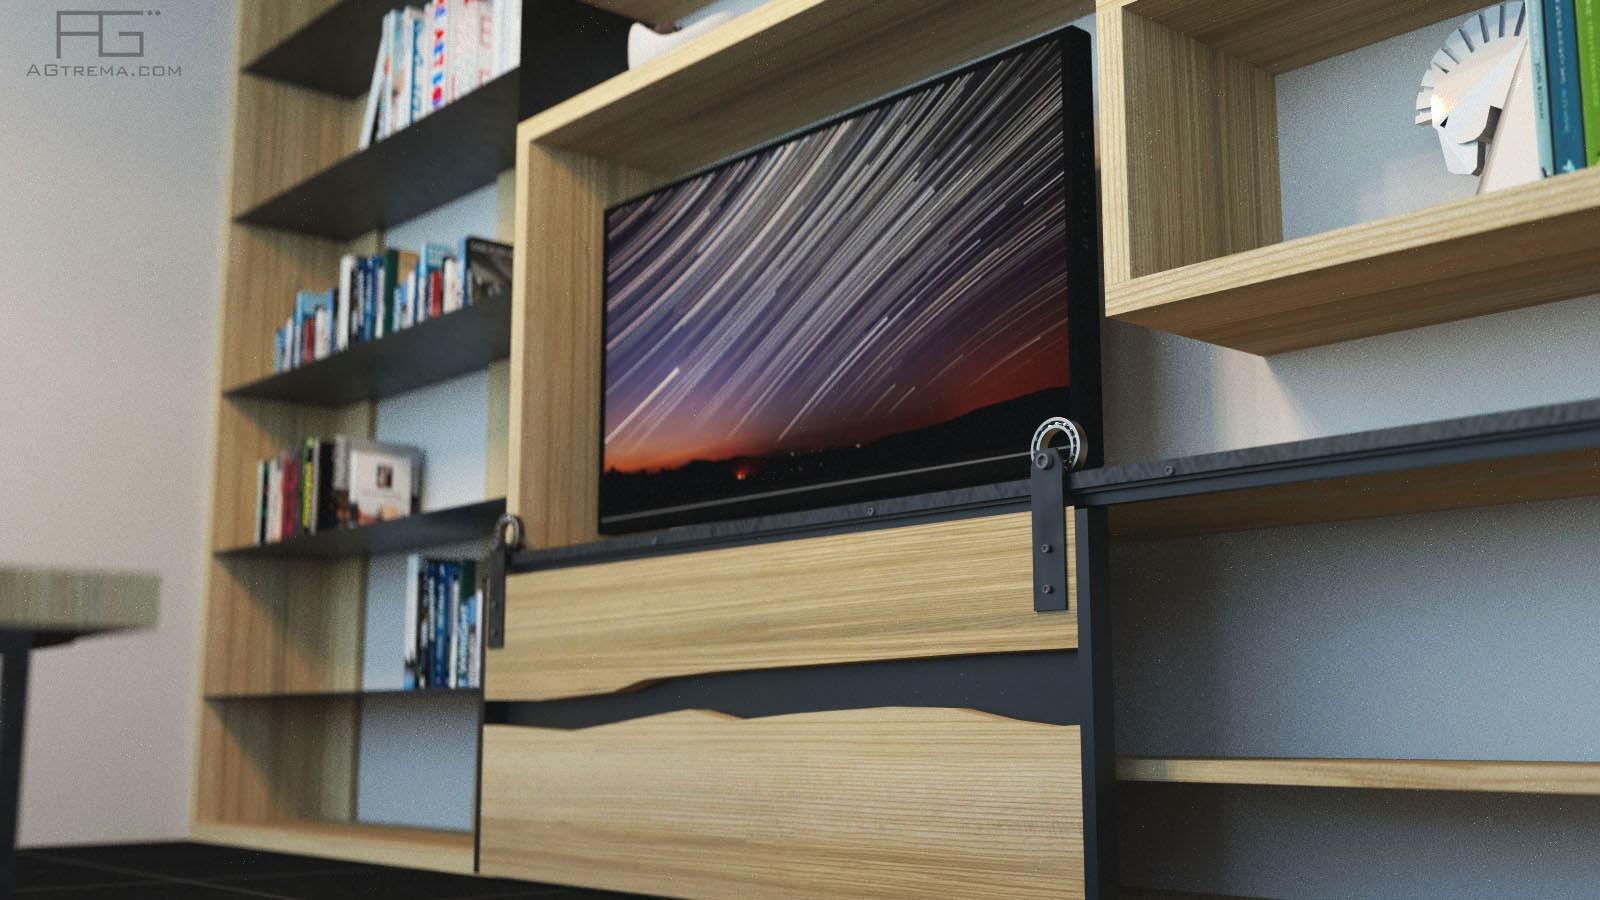 Meuble bibliothèque en bois massif et acier sur mesure - AGtrema